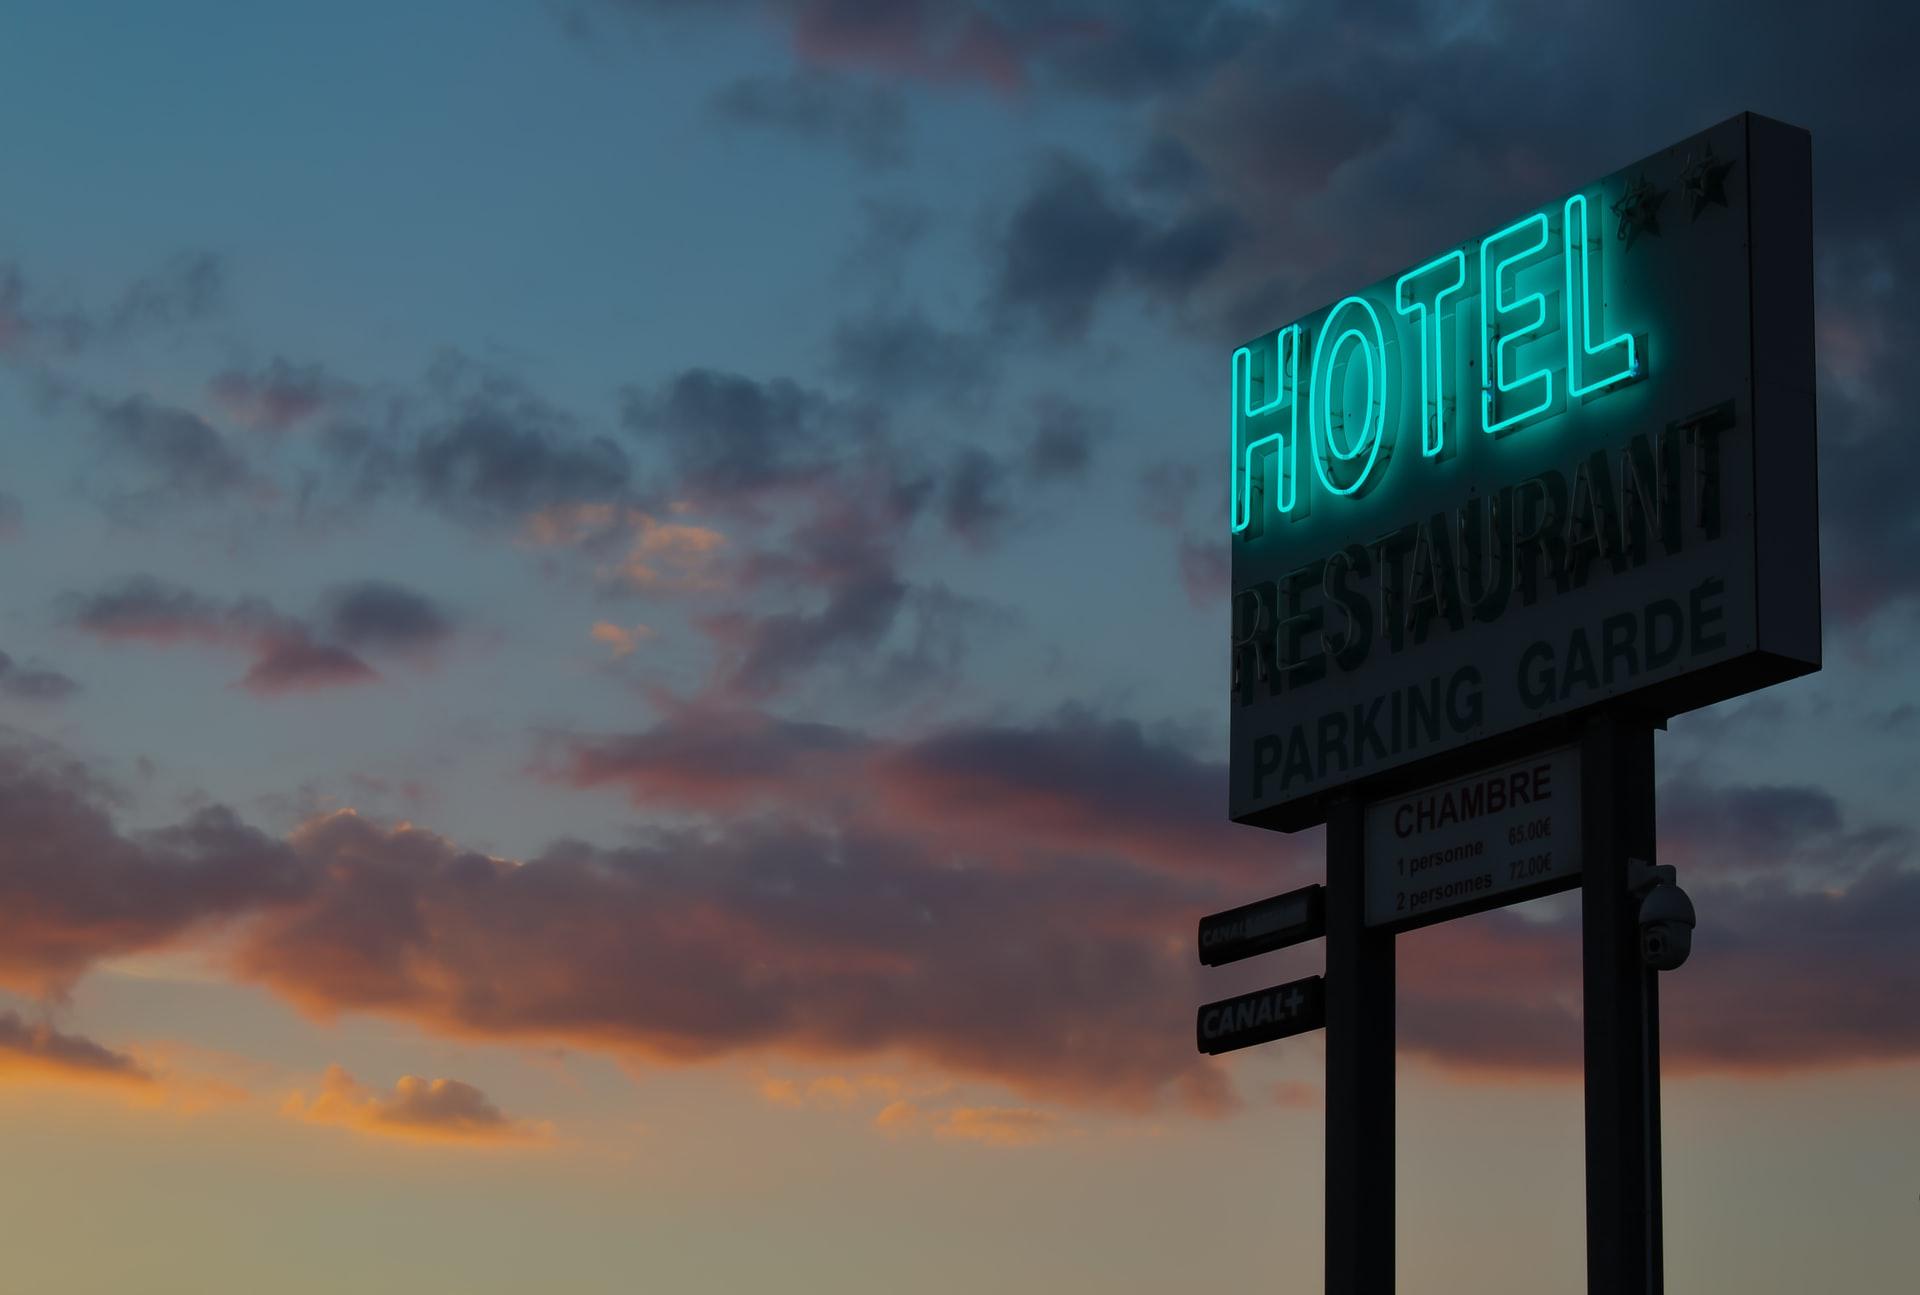 400 Hotels stehen in Spanien zum Verkauf mehr als geöffnet sind